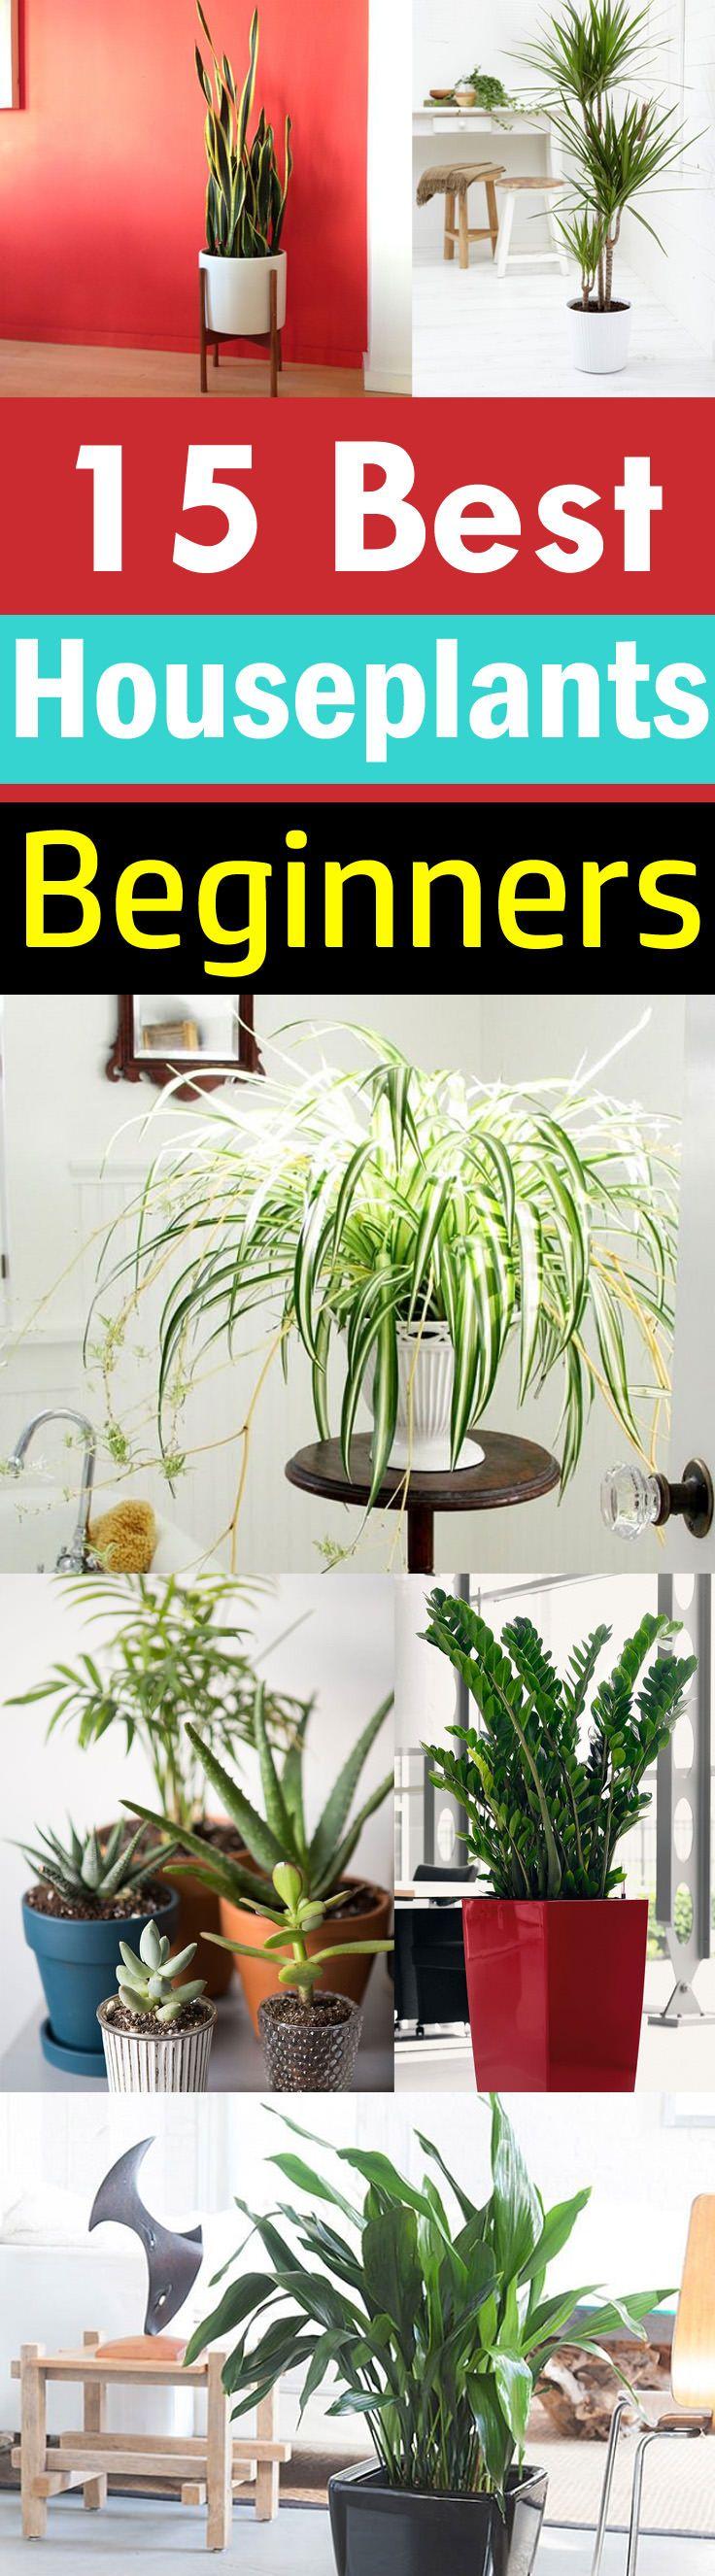 15 Best Houseplants For Beginners Backyard Plants Best 400 x 300